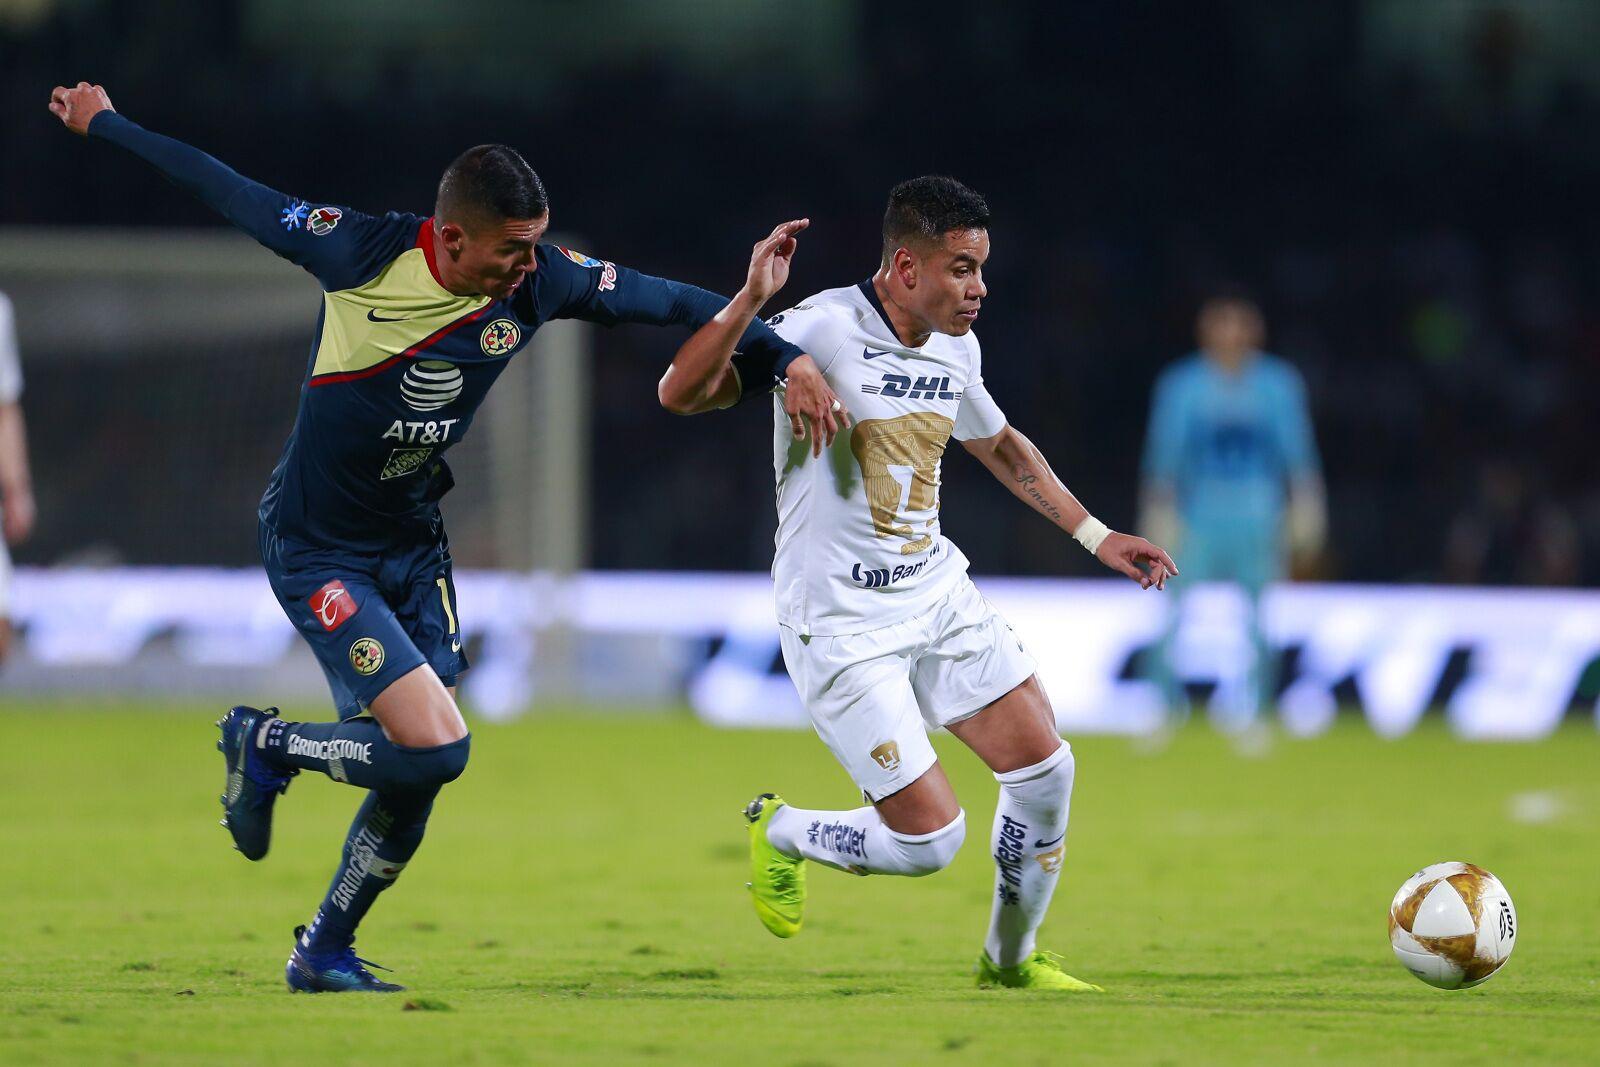 e9526b7f4 Liga MX  Player rankings for América-Pumas semifinal thriller